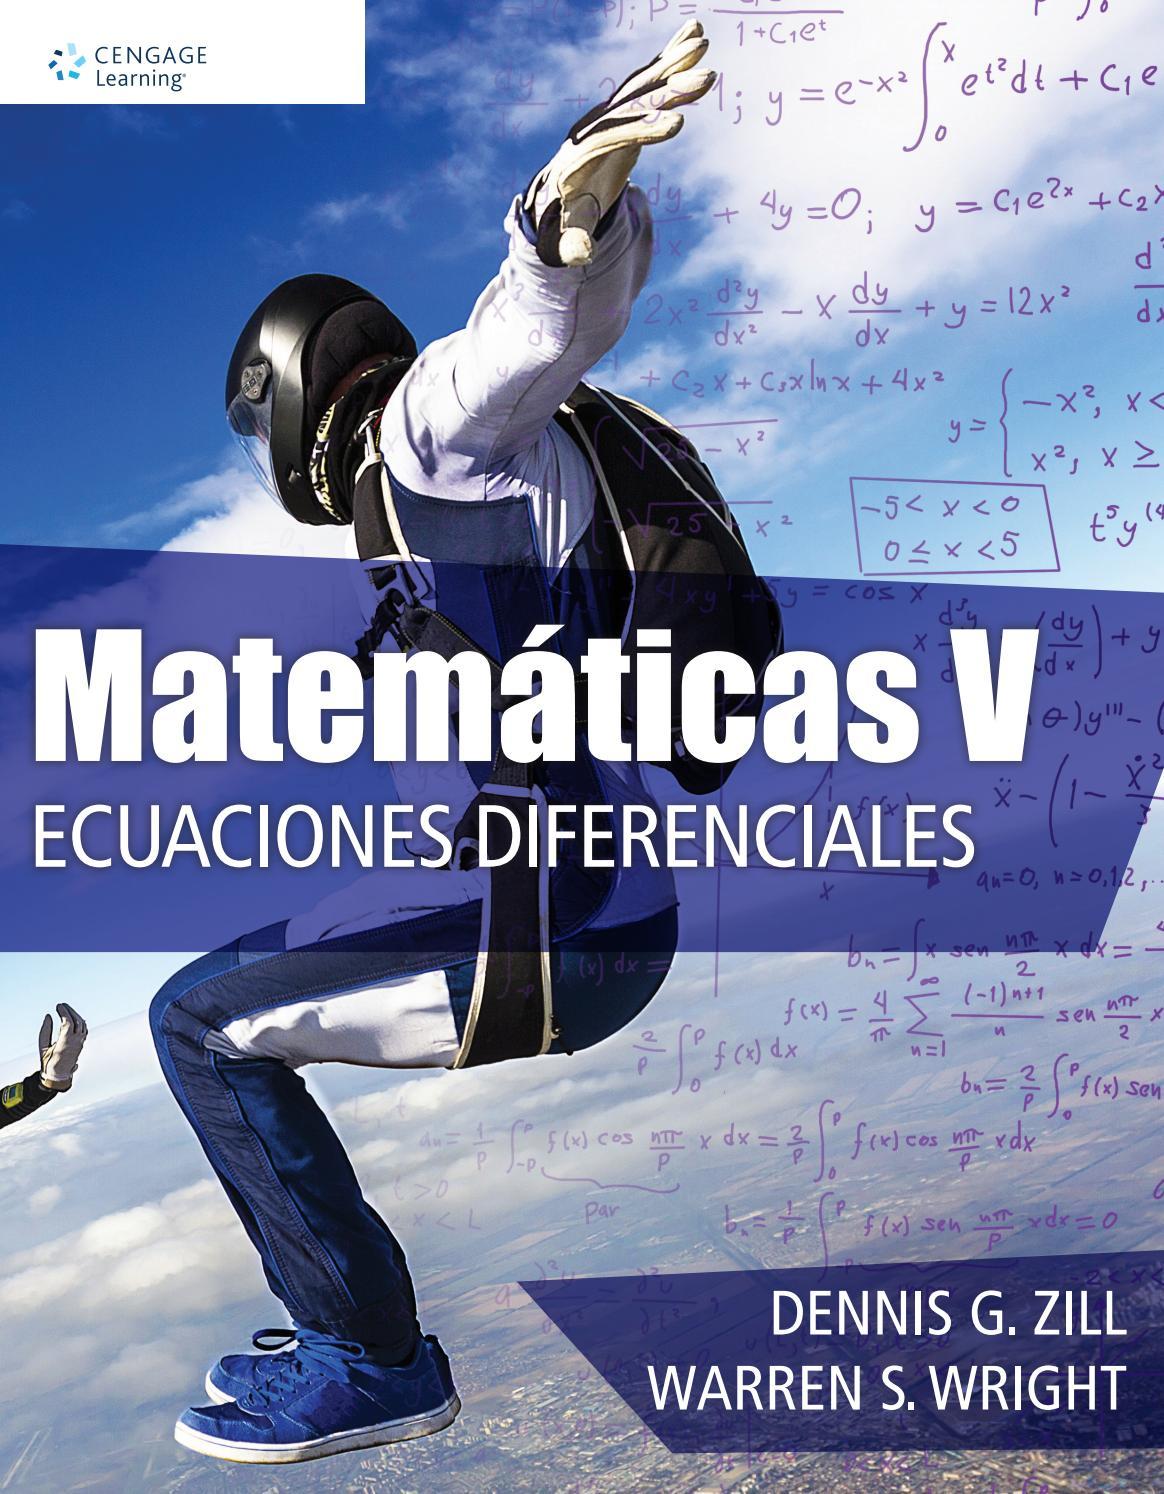 libro dennis zill ecuaciones diferenciales 8 edicion pdf